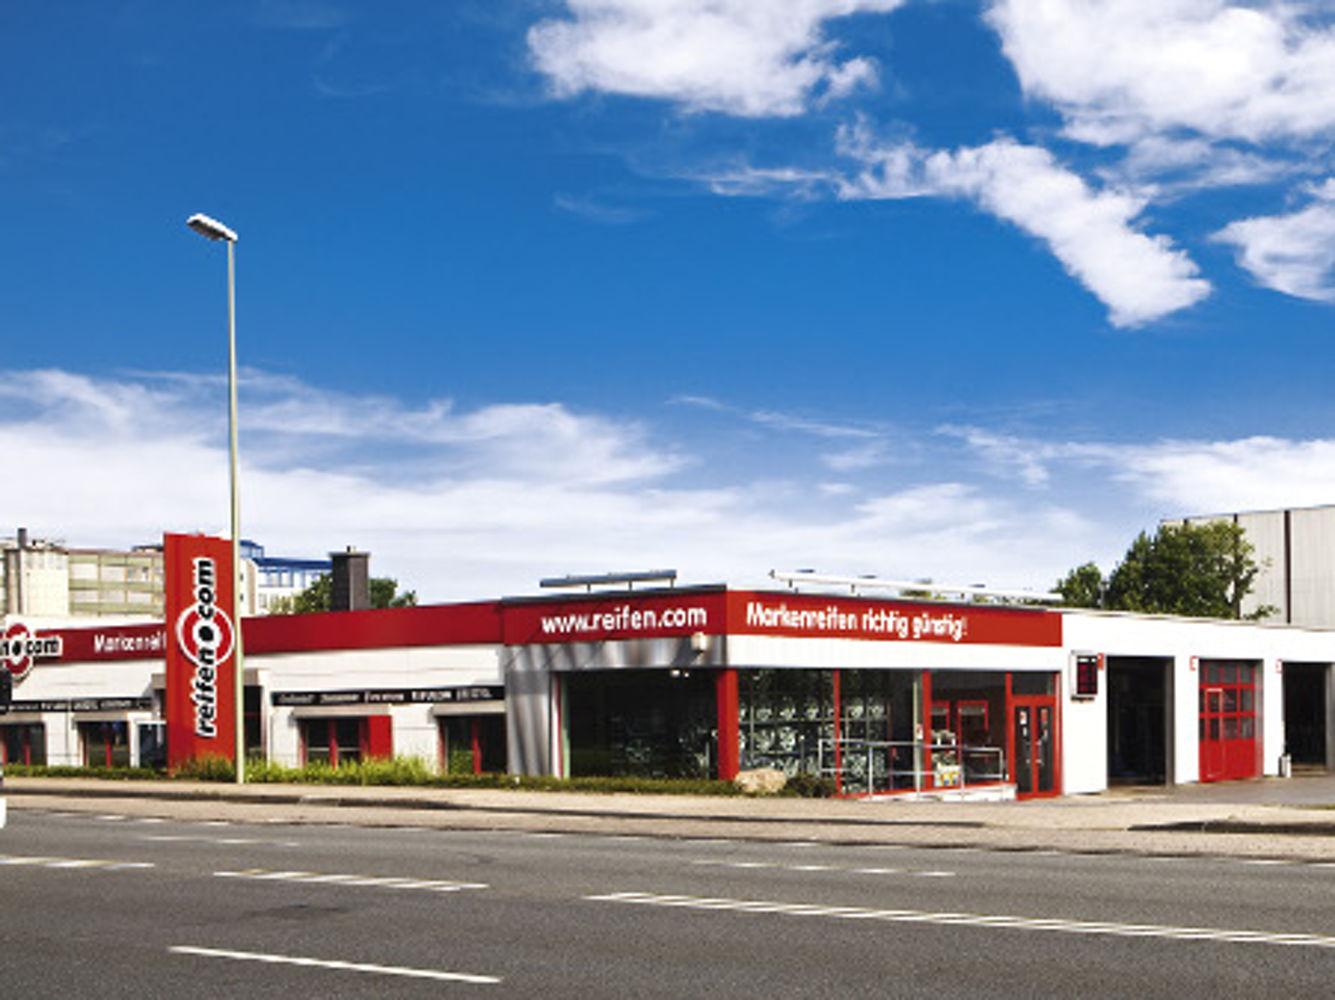 reifen.com-branch in Bielefeld